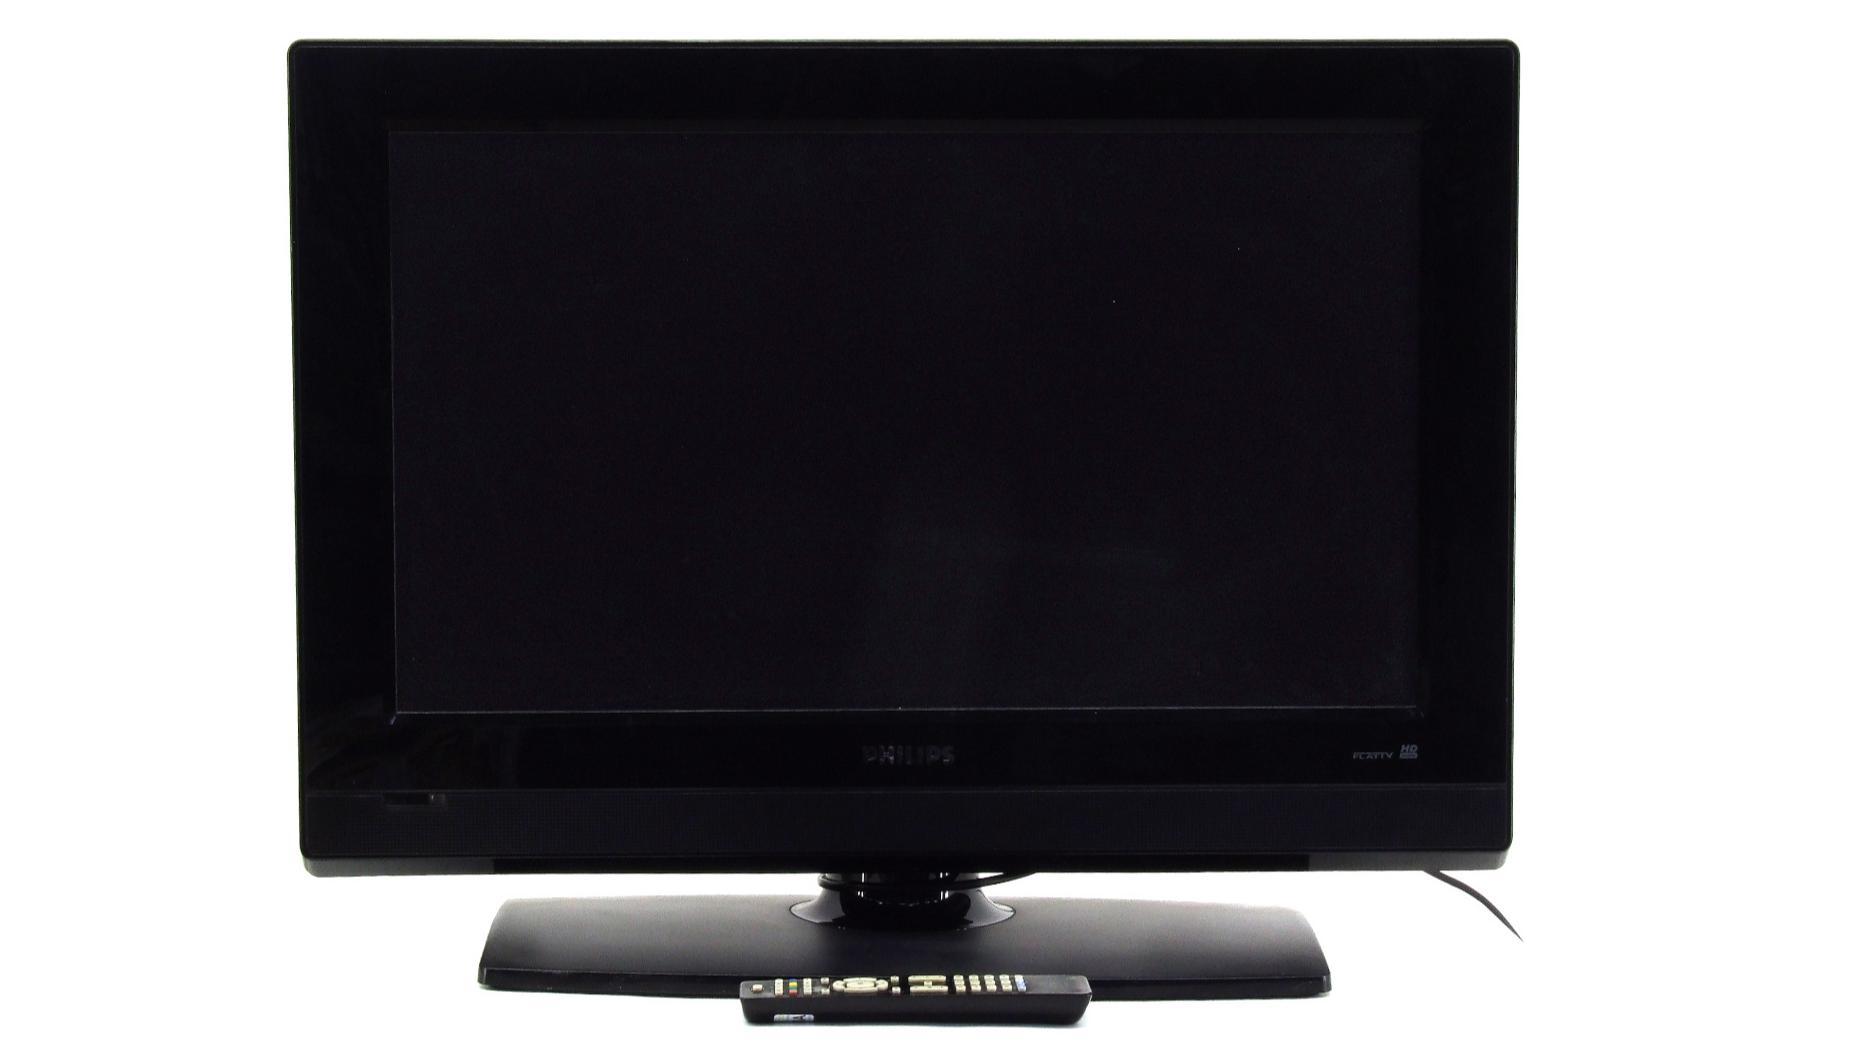 LCD Monitore mieten & vermieten - Flachbild-Fernseher Philips TV-Bildschirm 26'' in Schkeuditz